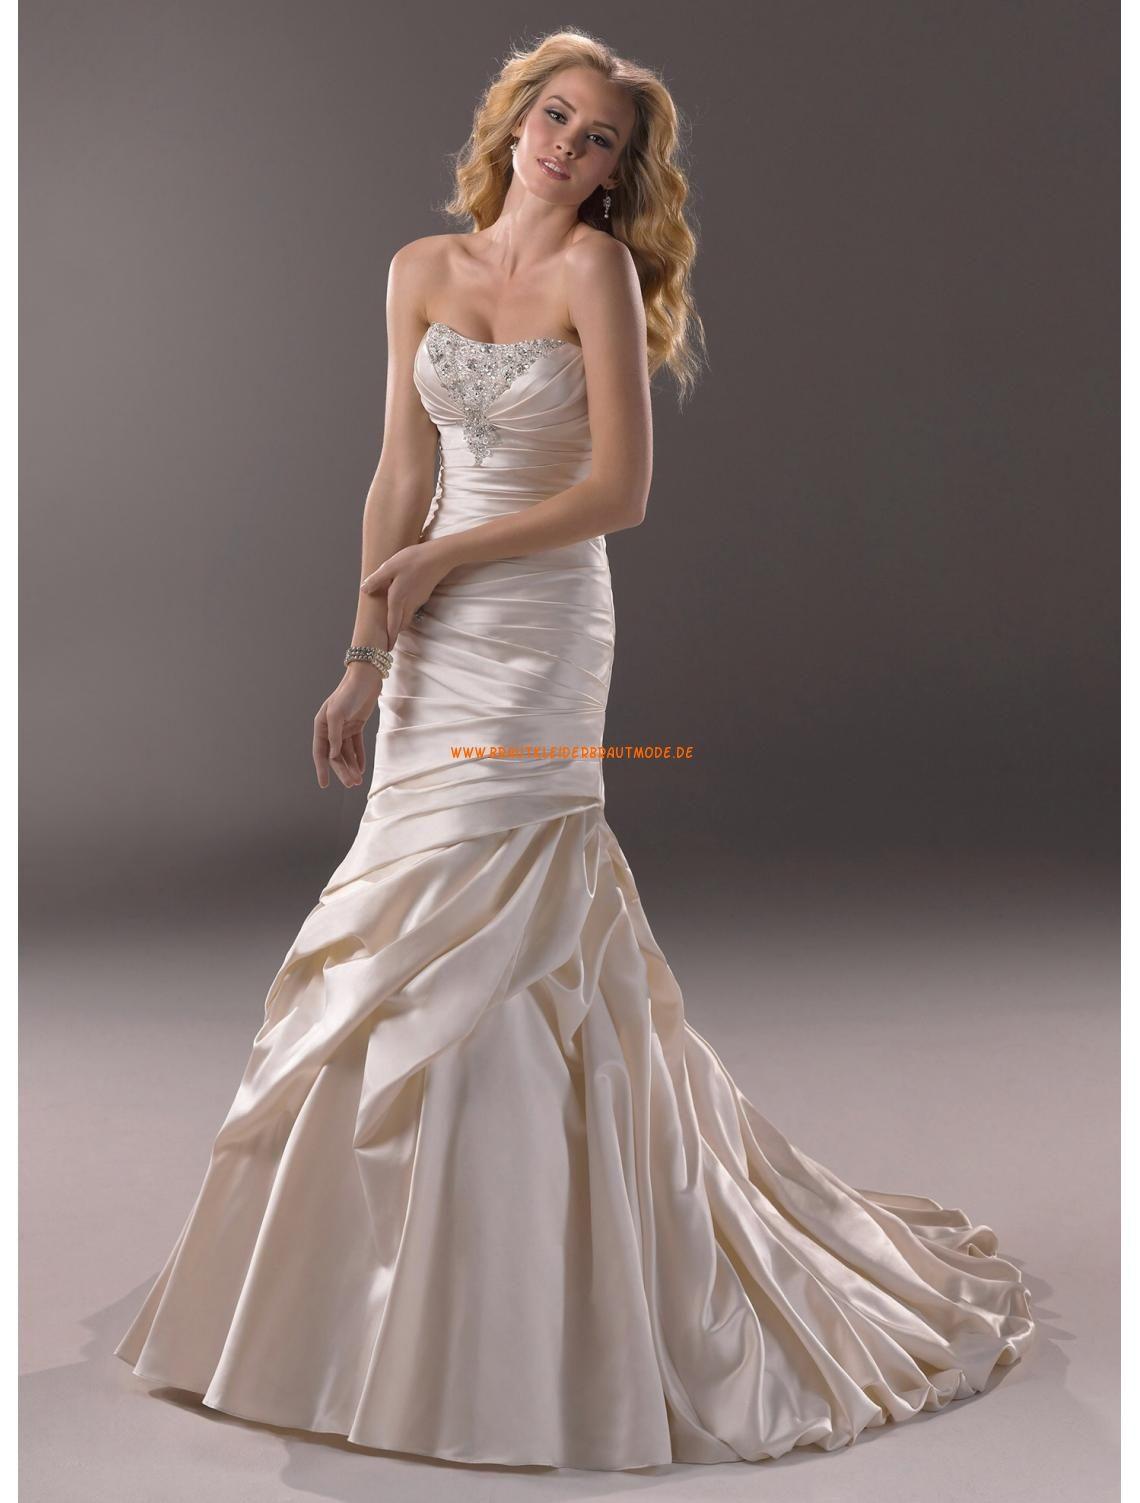 Großartig Brautkleider In Utah Fotos - Brautkleider Ideen ...